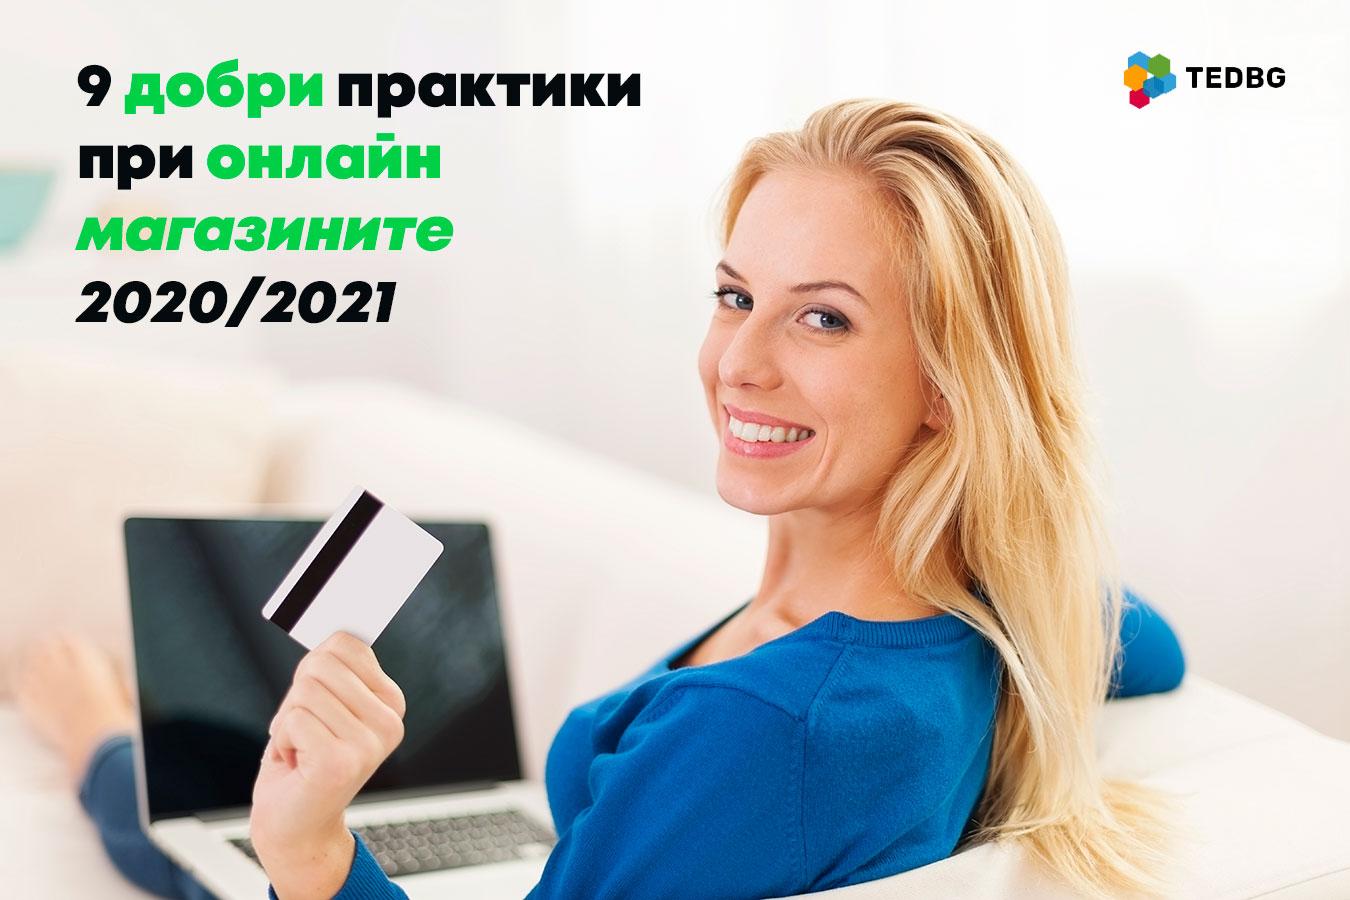 9 добри практики при онлайн магазините 2020/2021